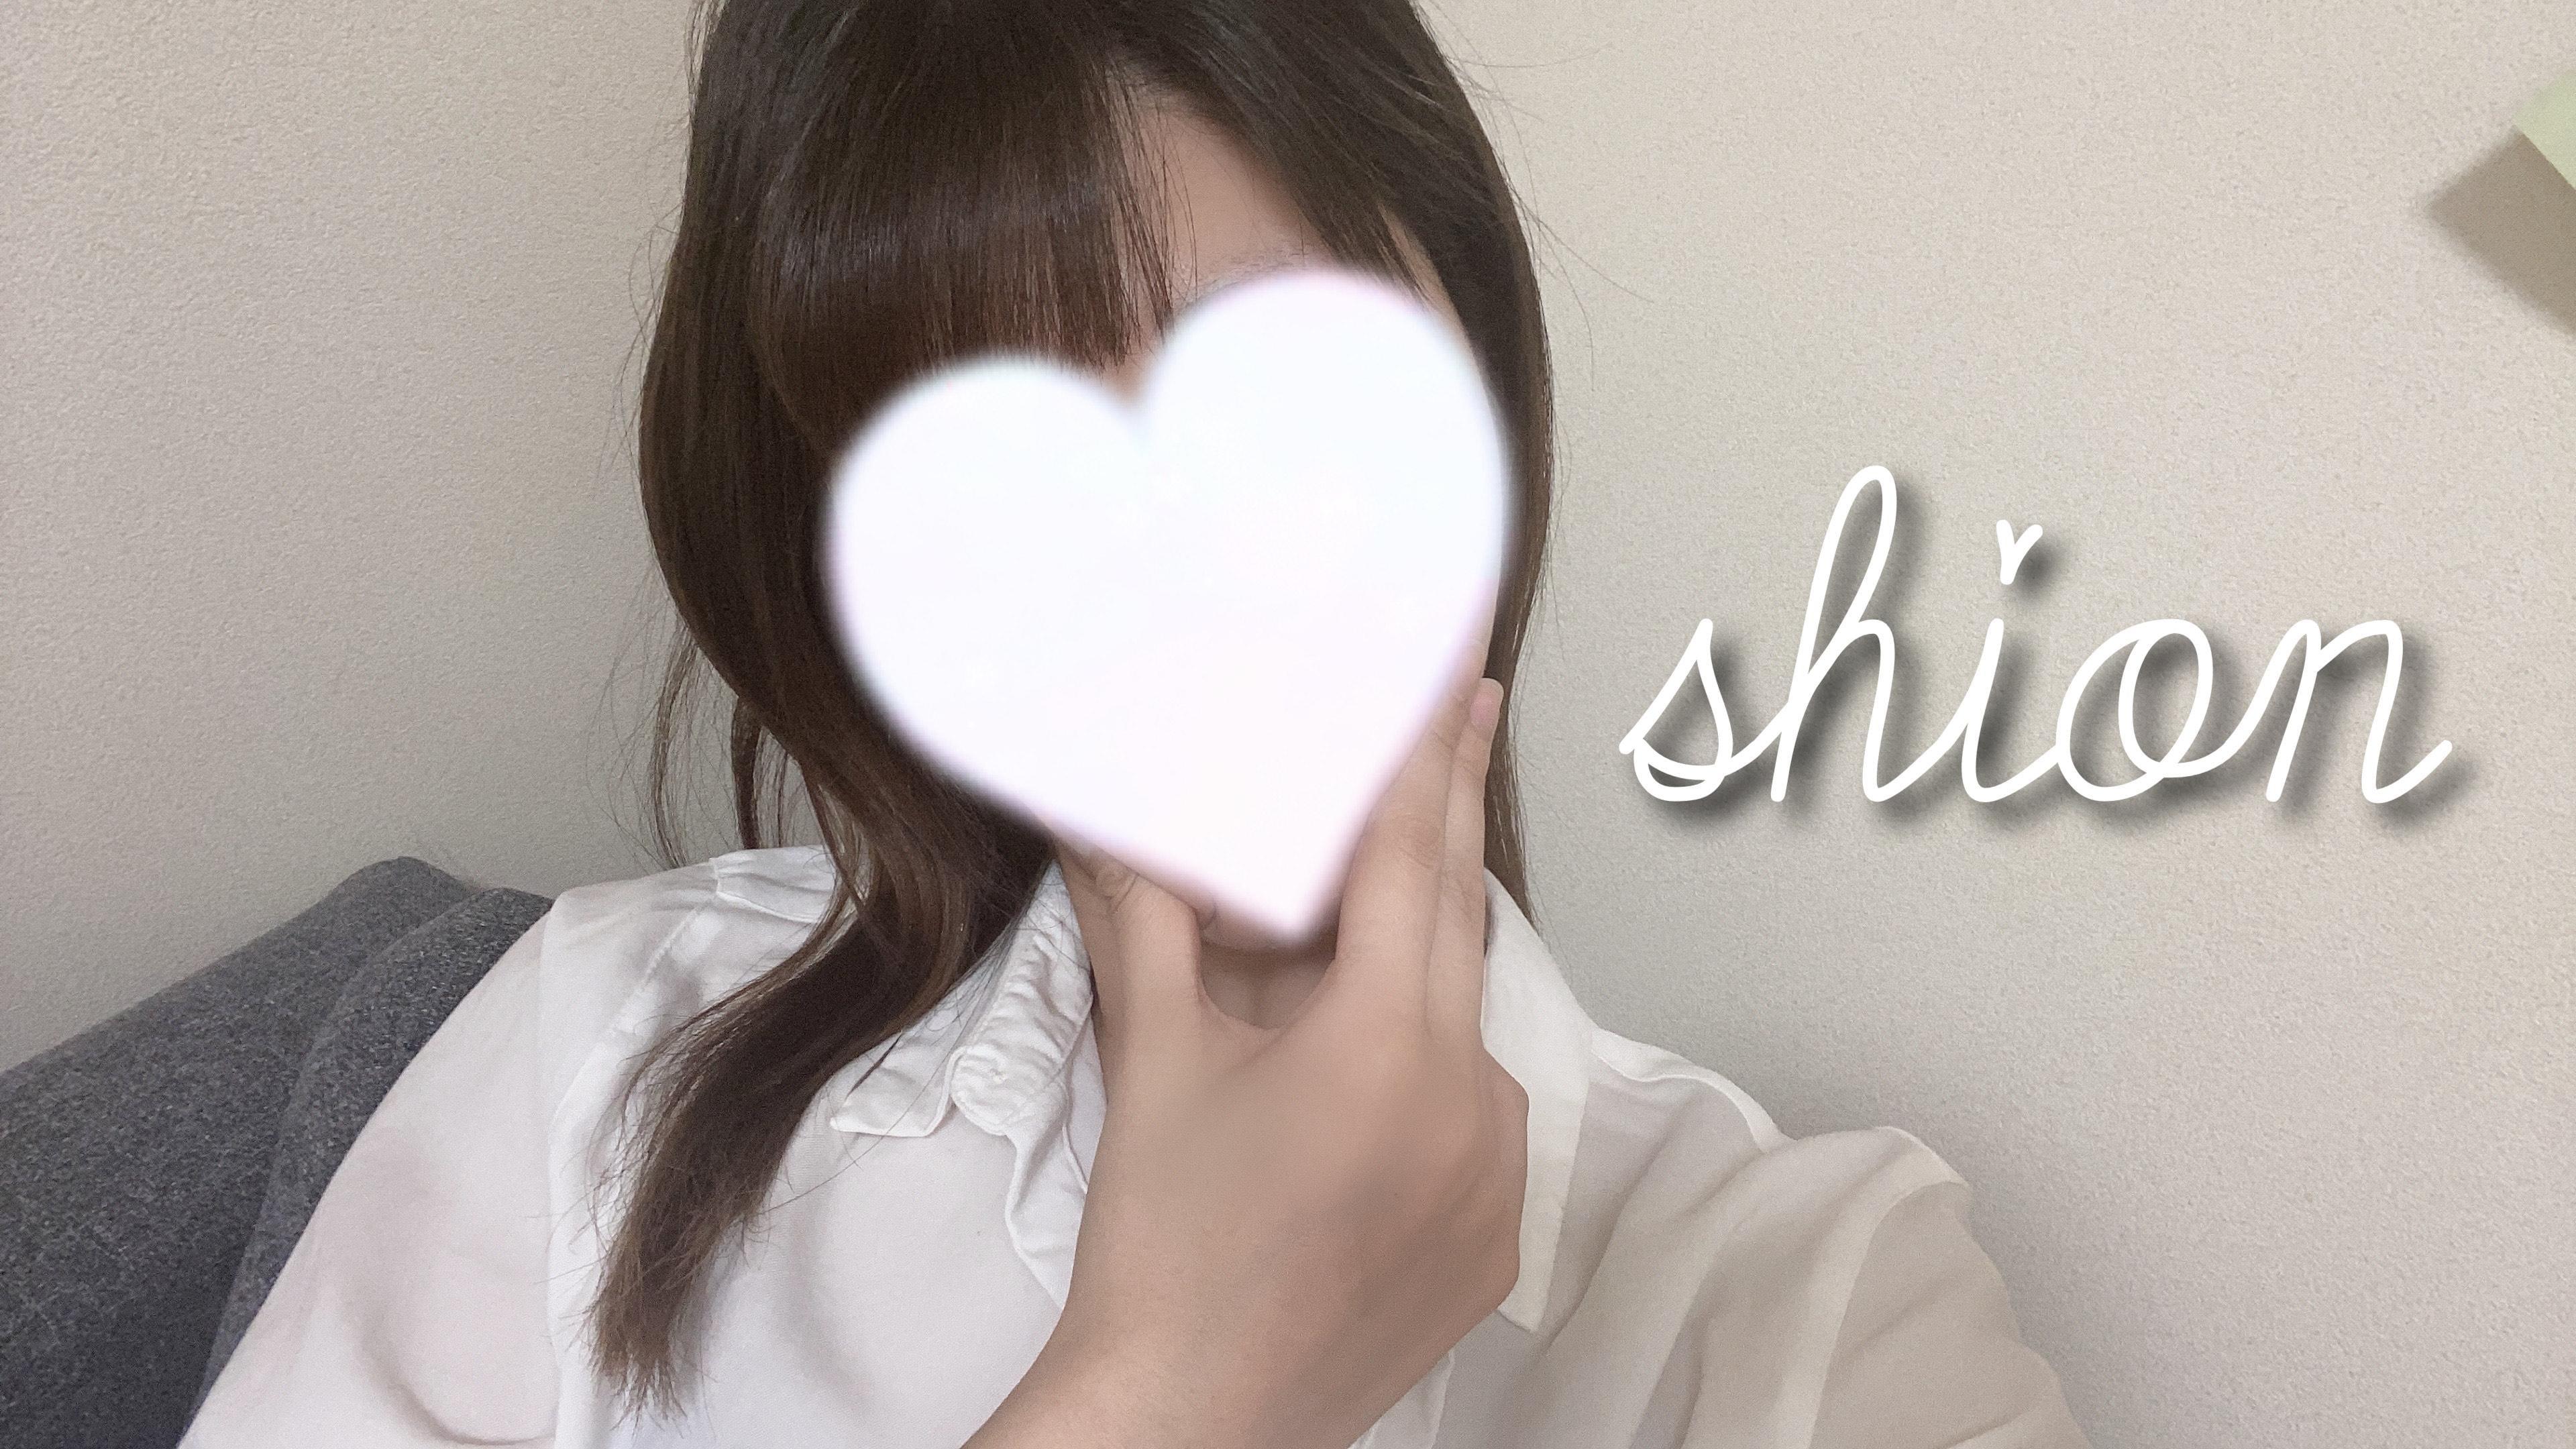 「出勤♡」06/05(06/05) 11:04 | 詩音(しおん)の写メ